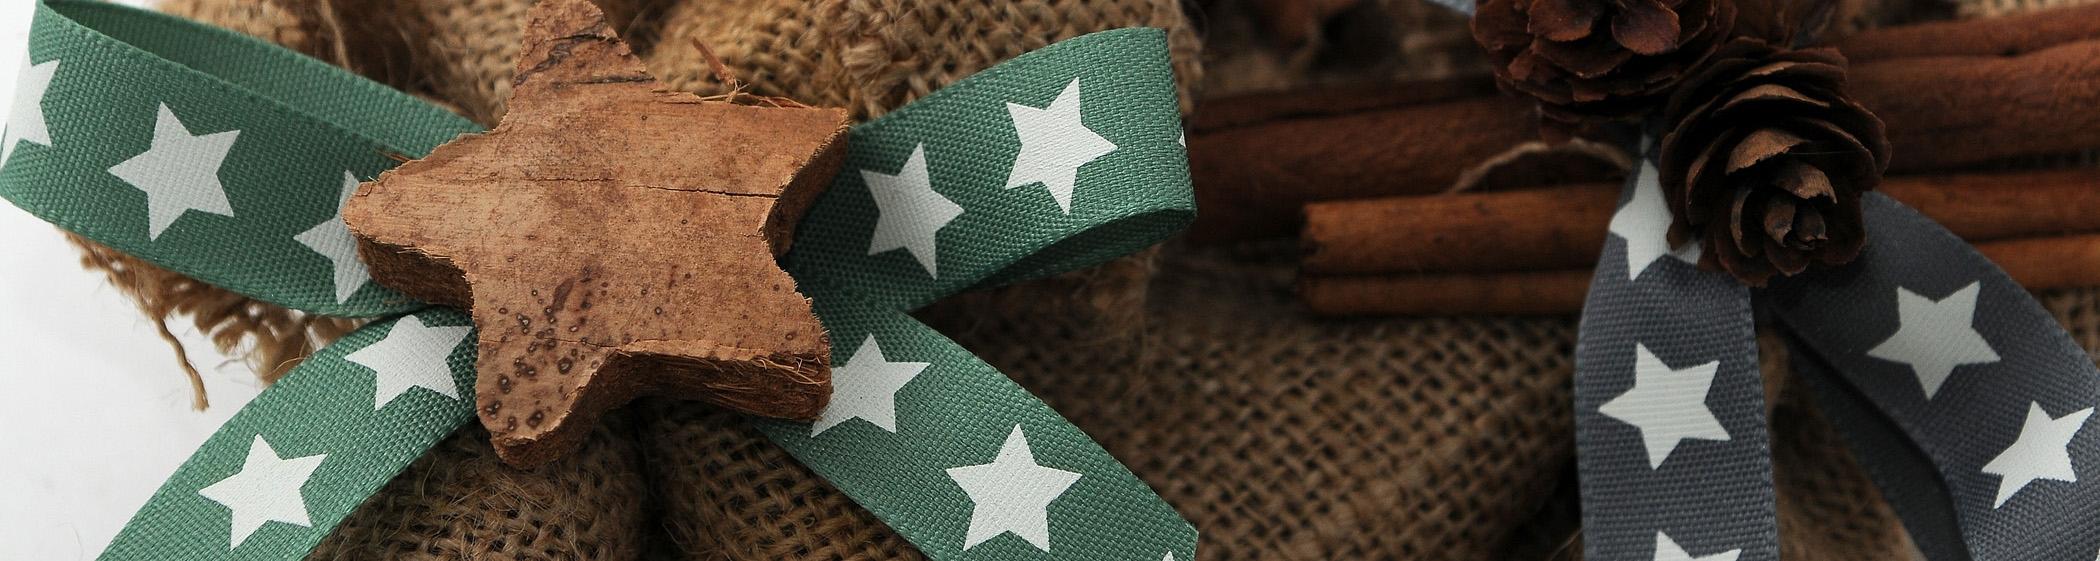 Star Ribbons